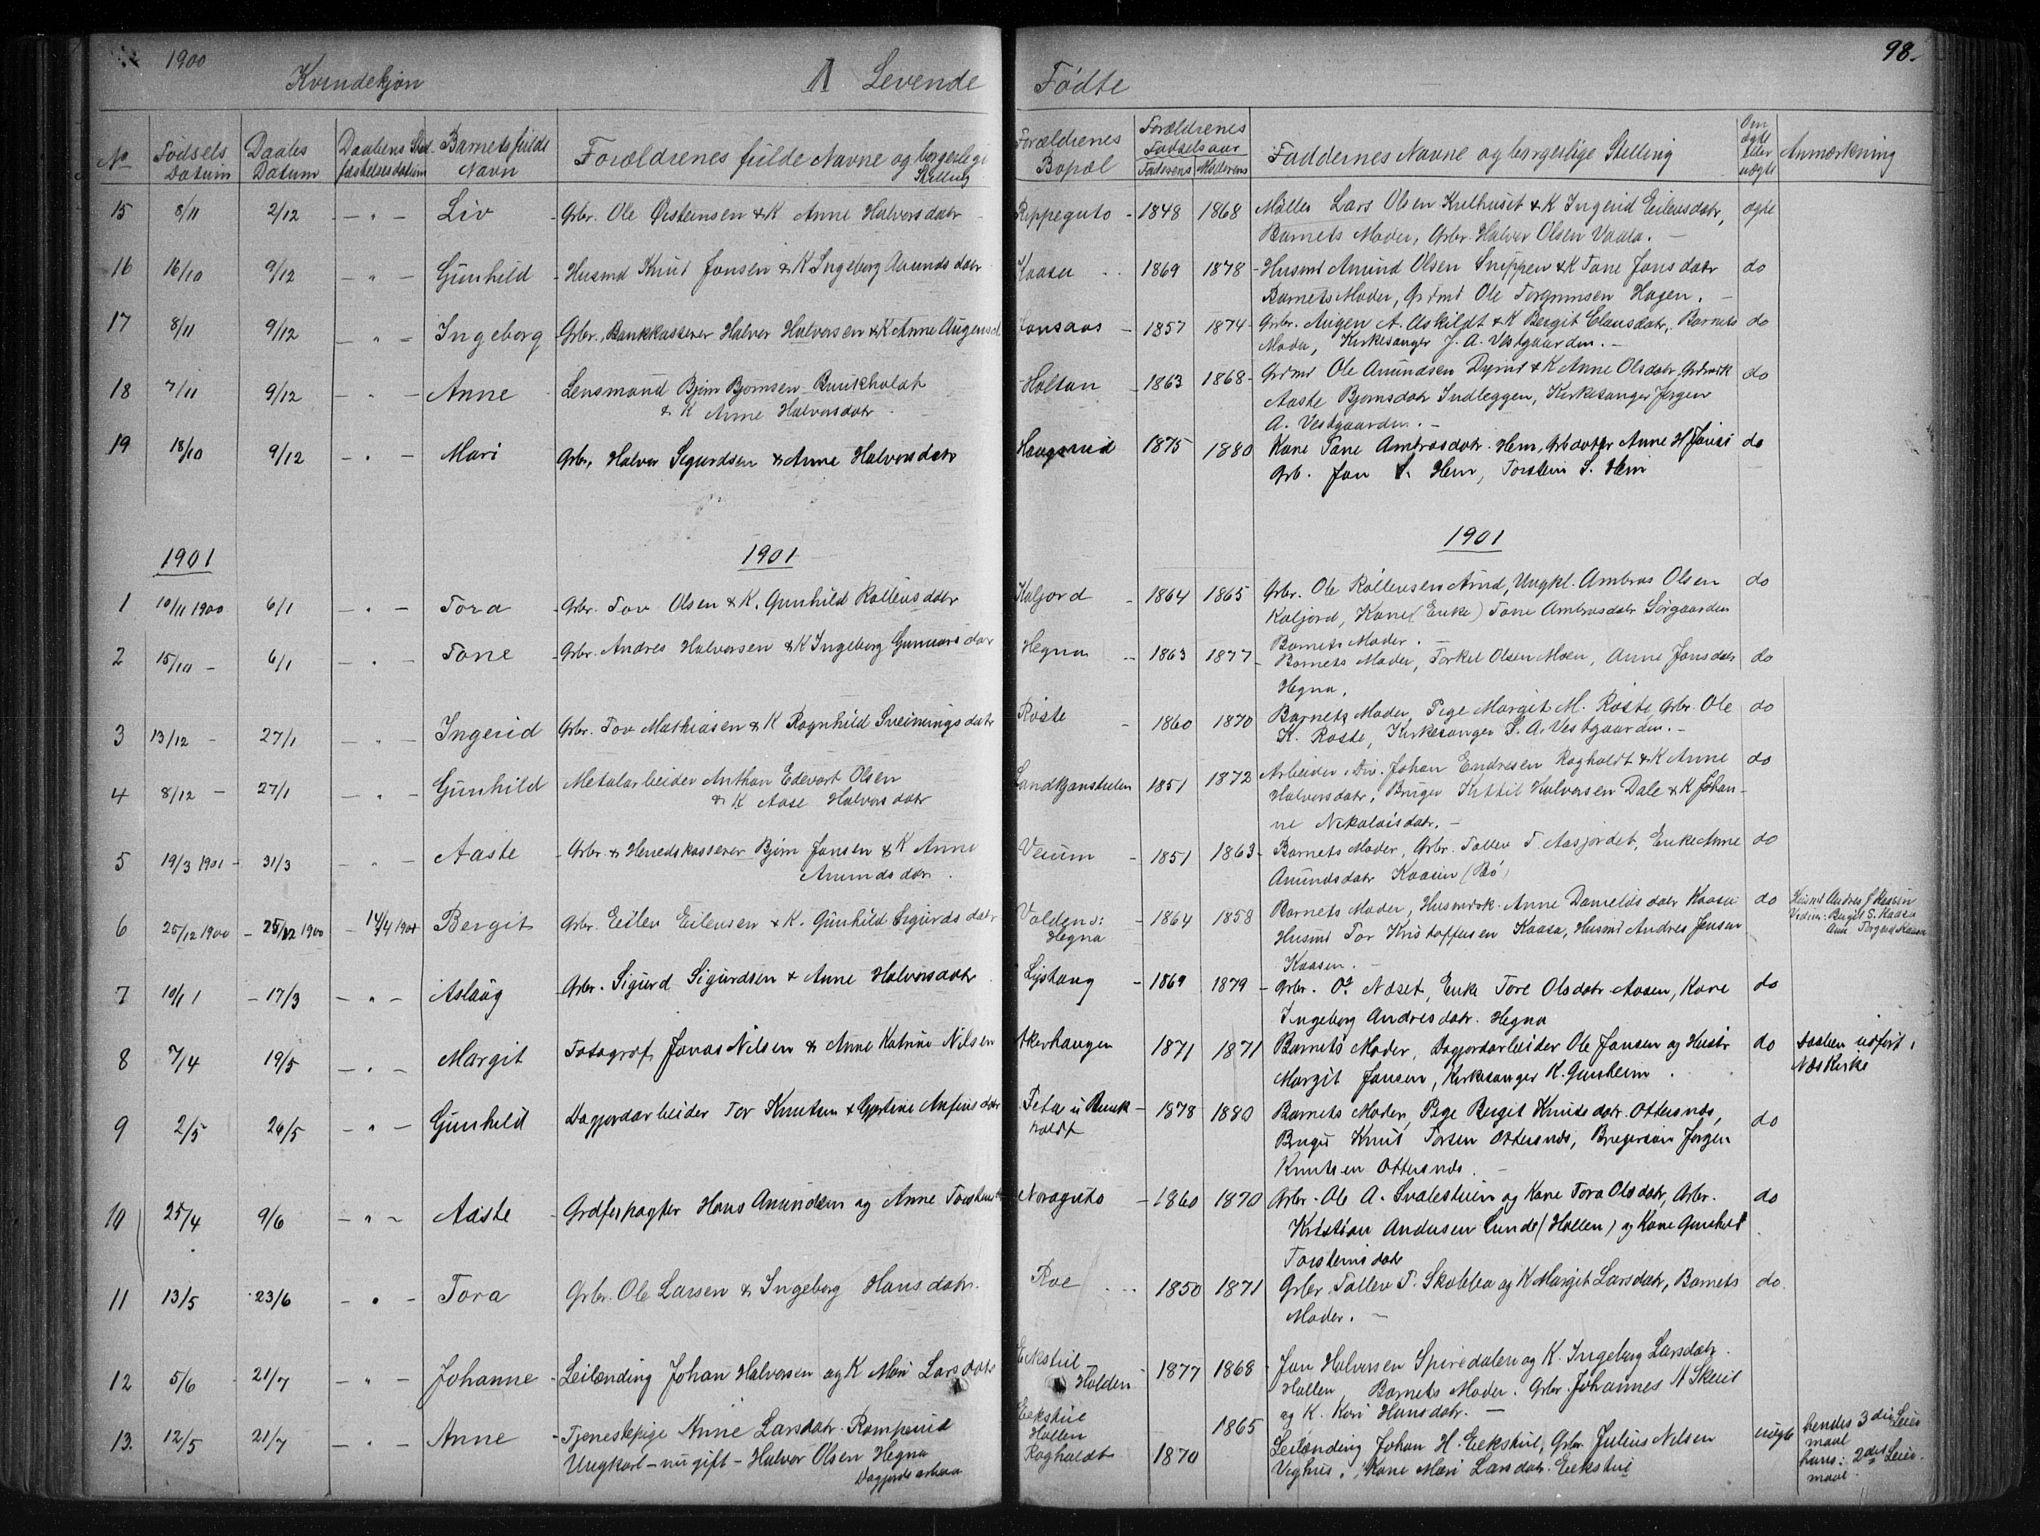 SAKO, Sauherad kirkebøker, G/Ga/L0003: Klokkerbok nr. I 3, 1866-1905, s. 98